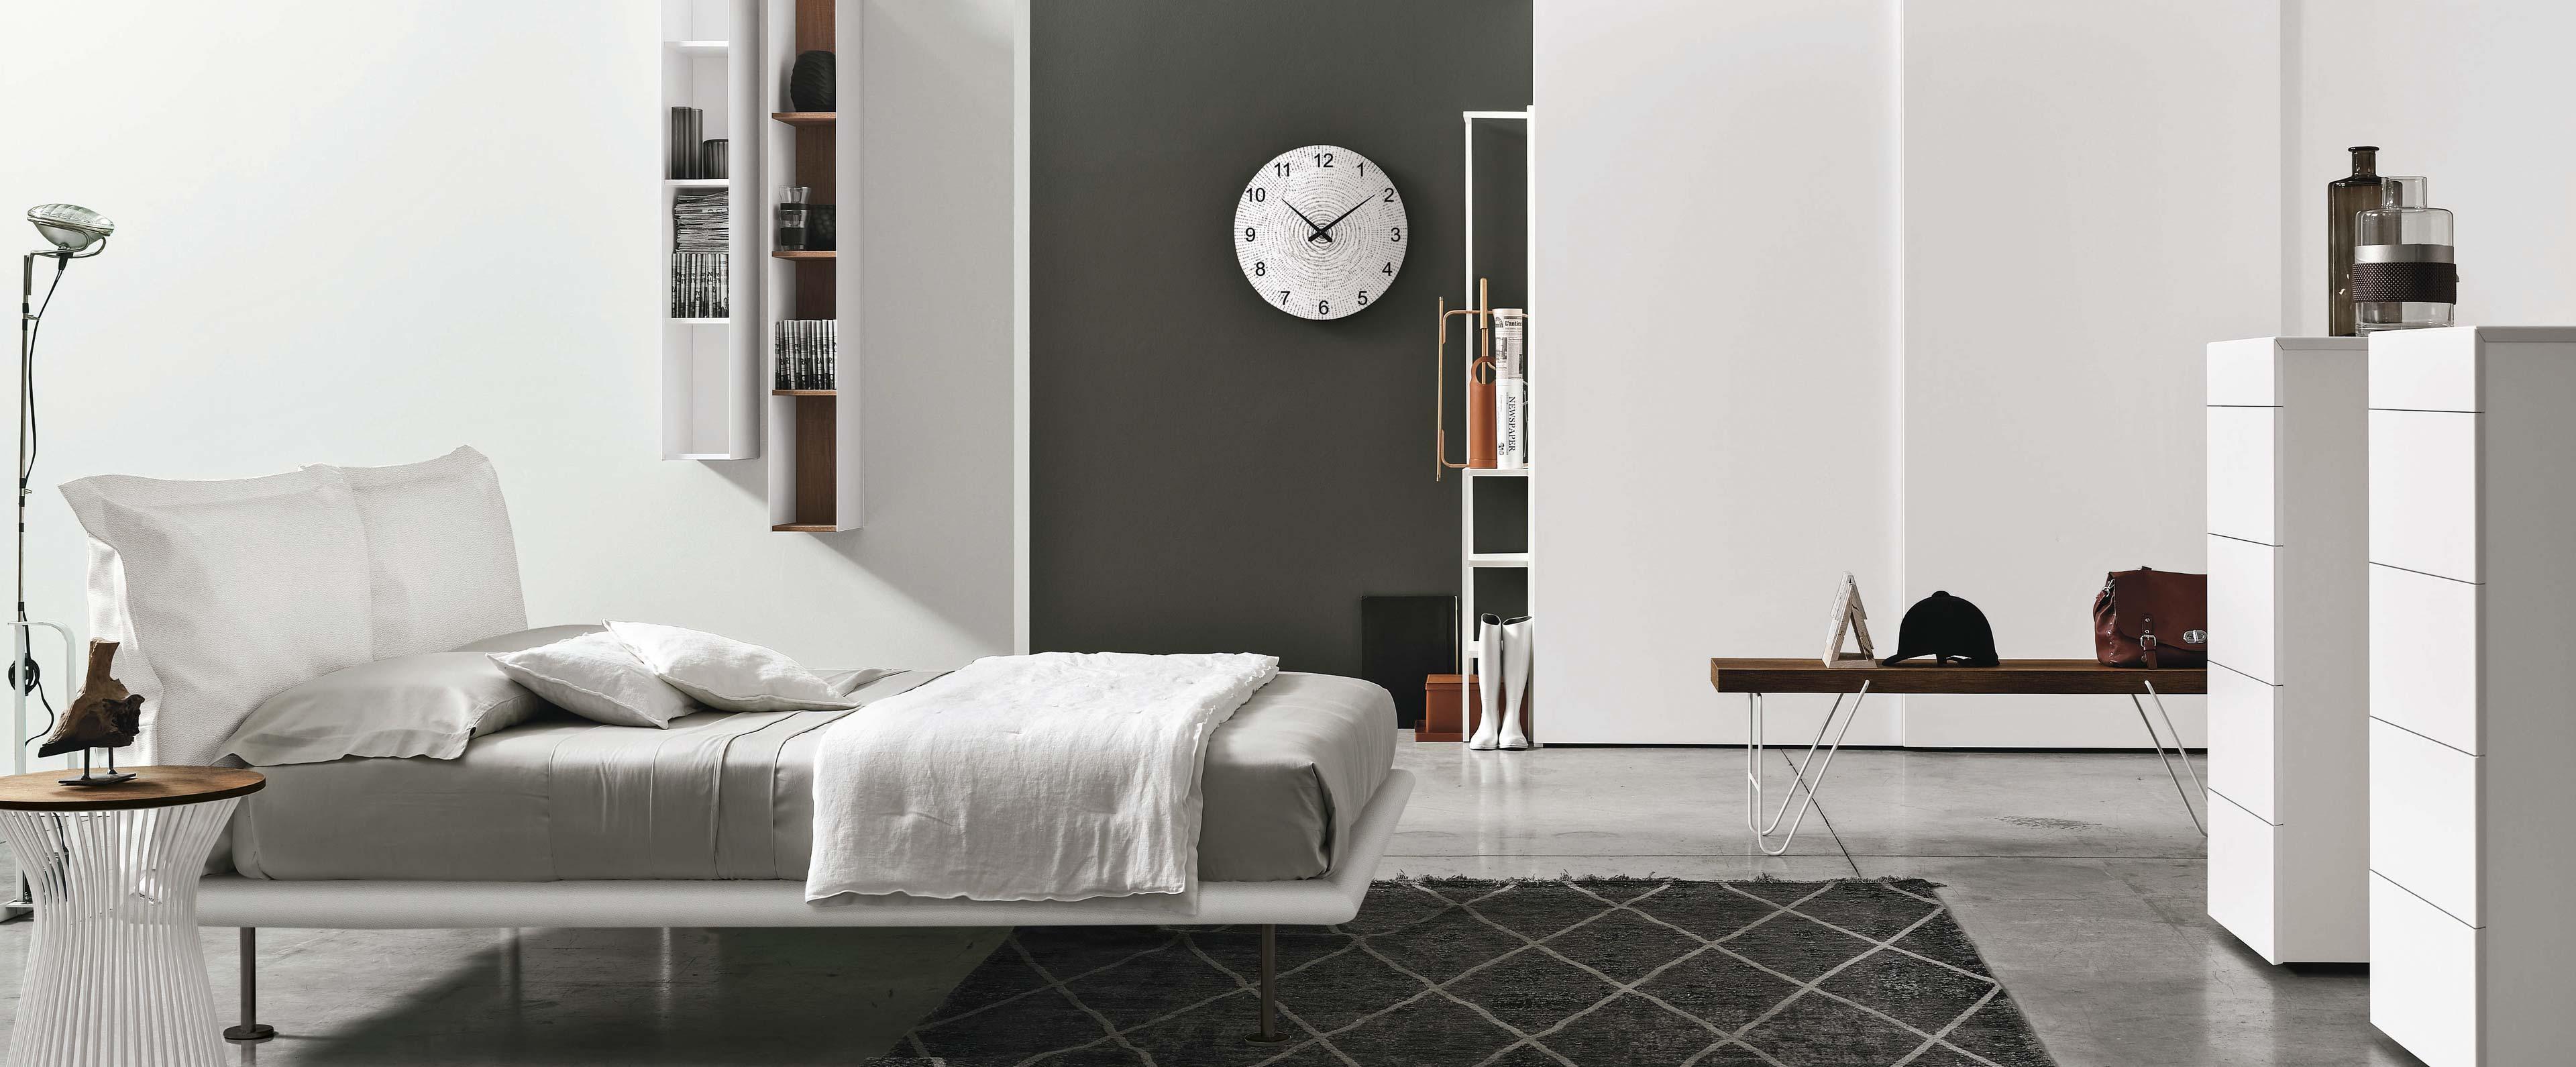 letto-dream_evid